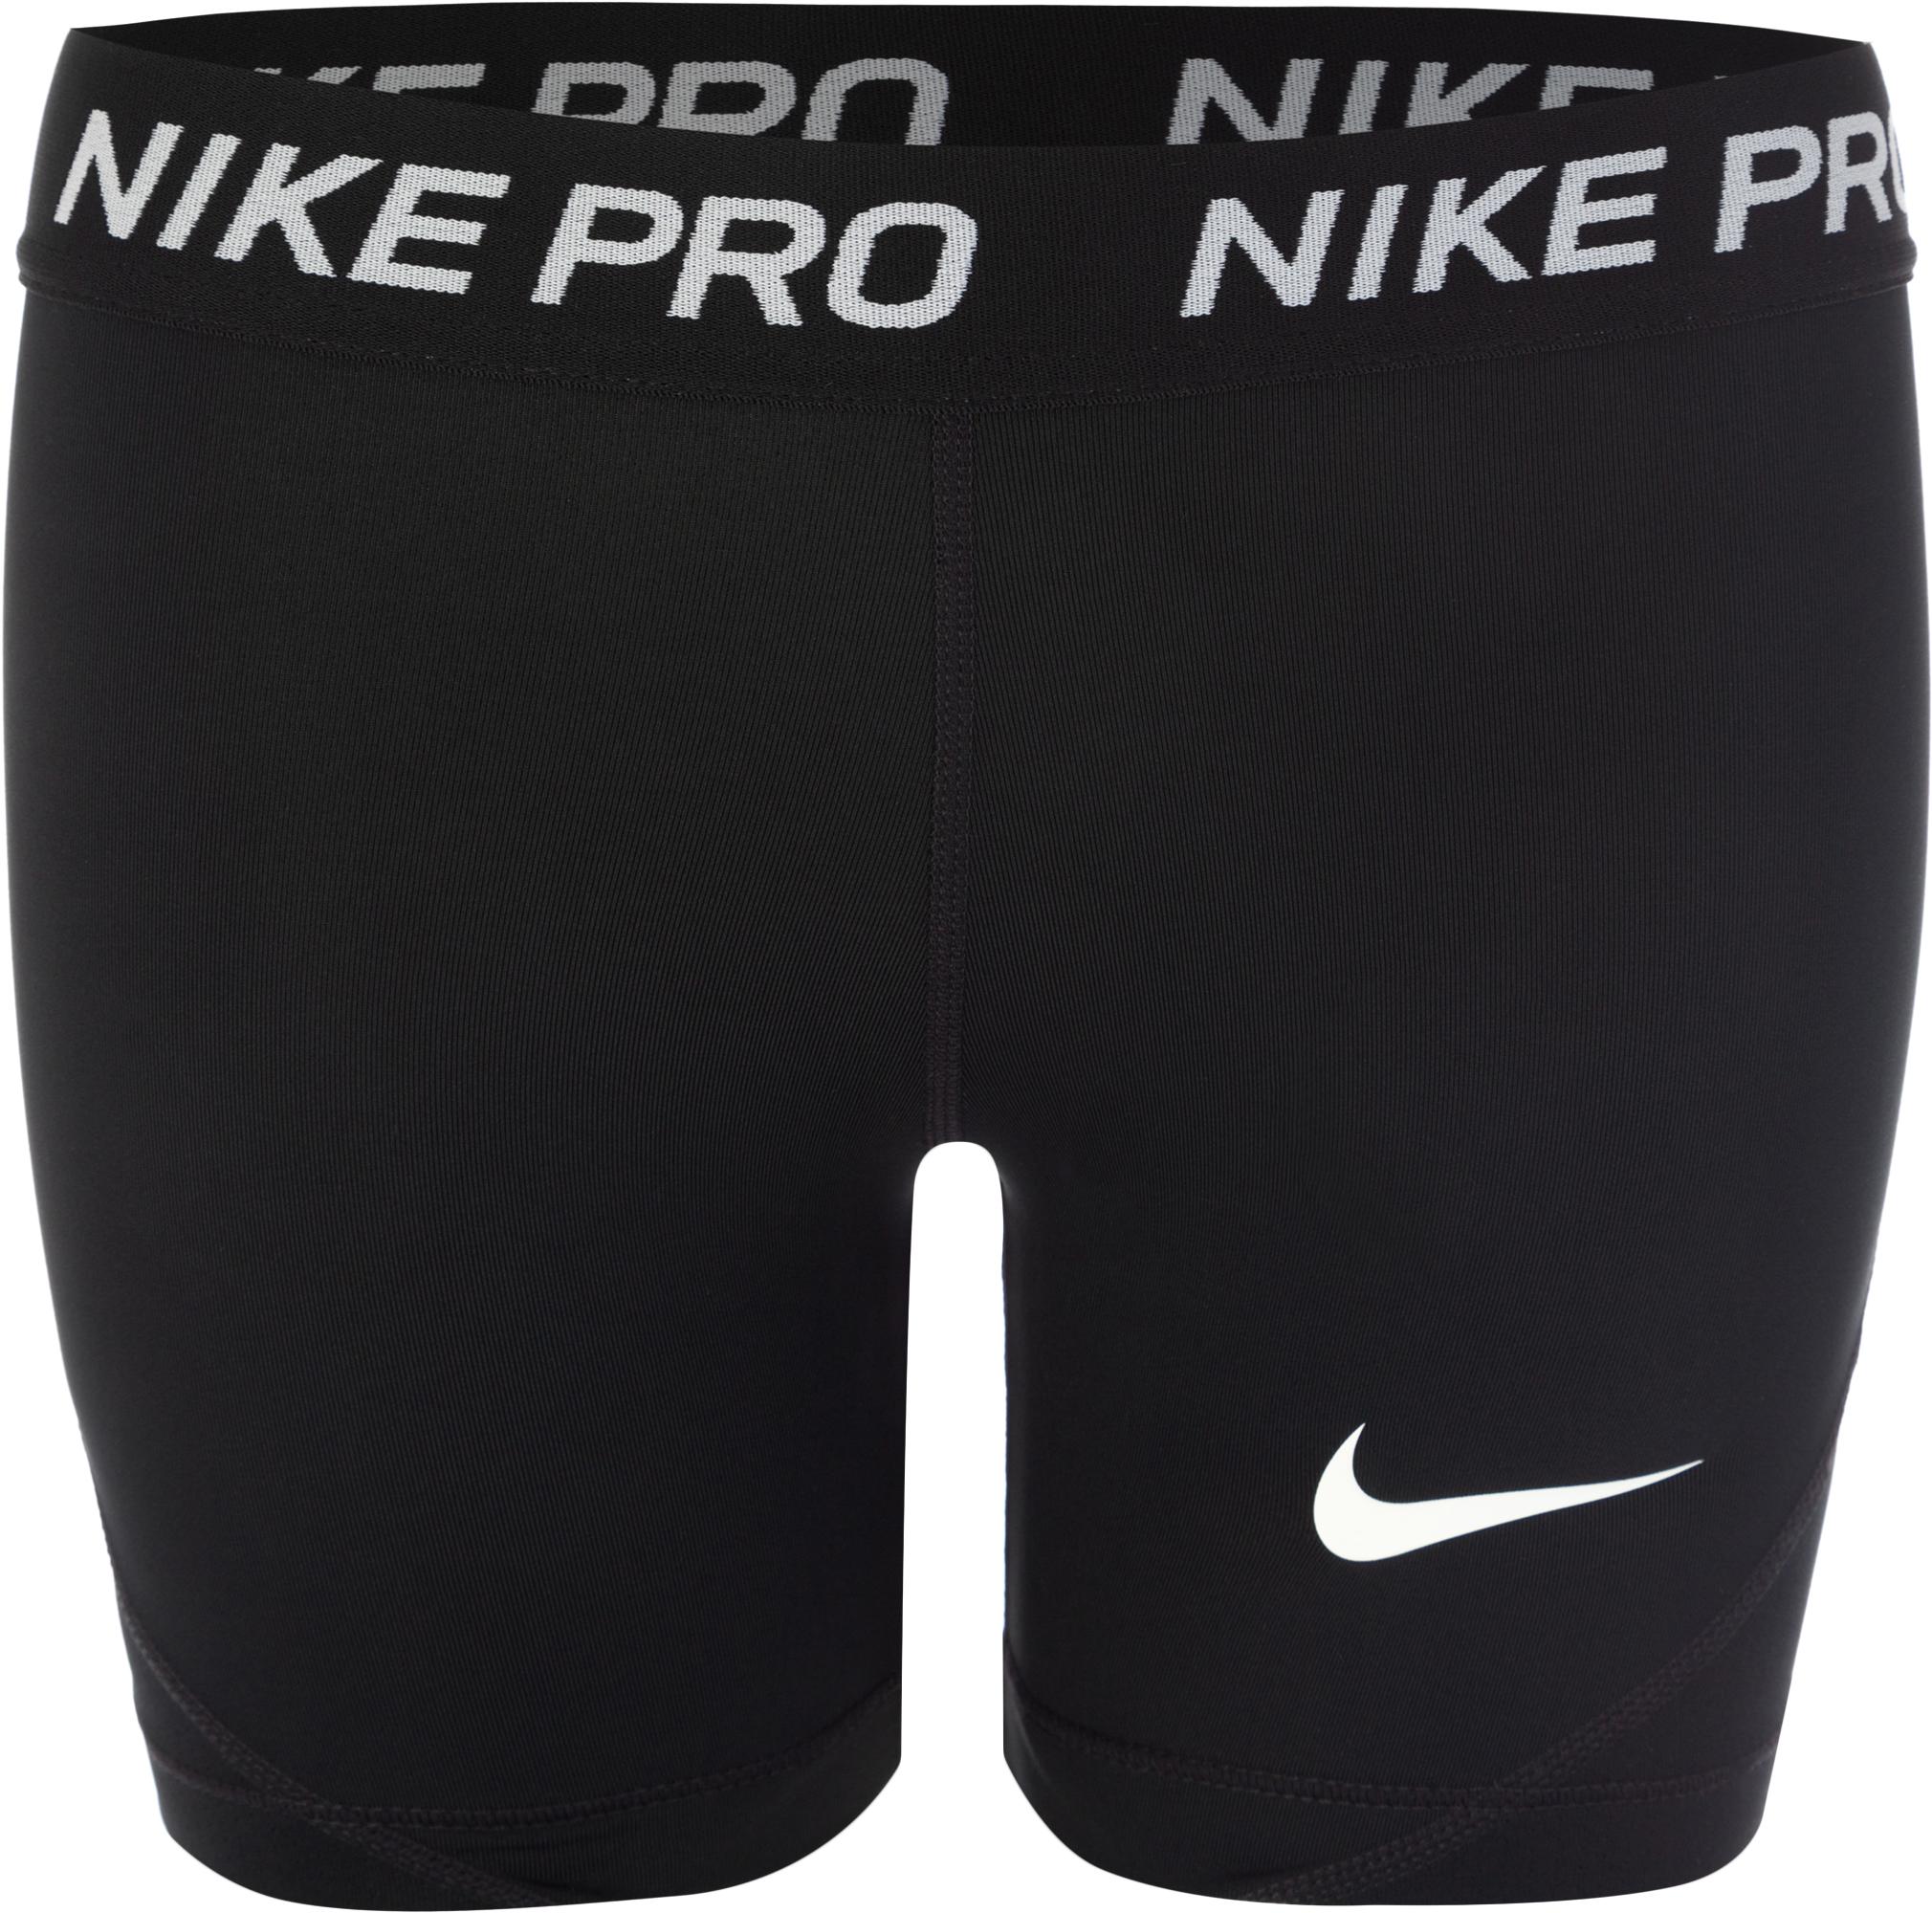 Nike Шорты для девочек Pro, размер 156-164